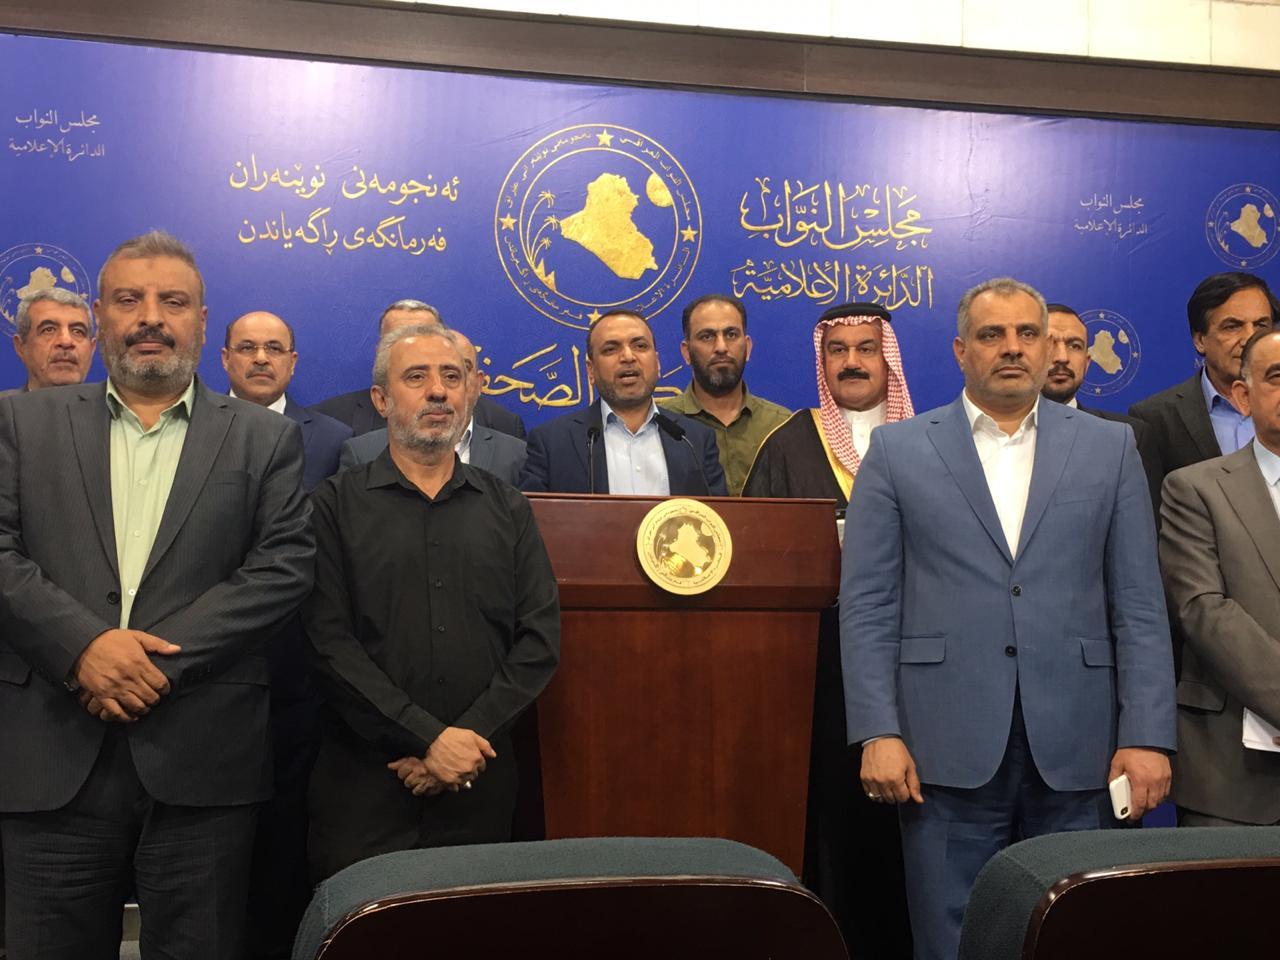 """تحالف يرفض قانون """"منع زعزعة استقرار العراق"""" الامريكي"""